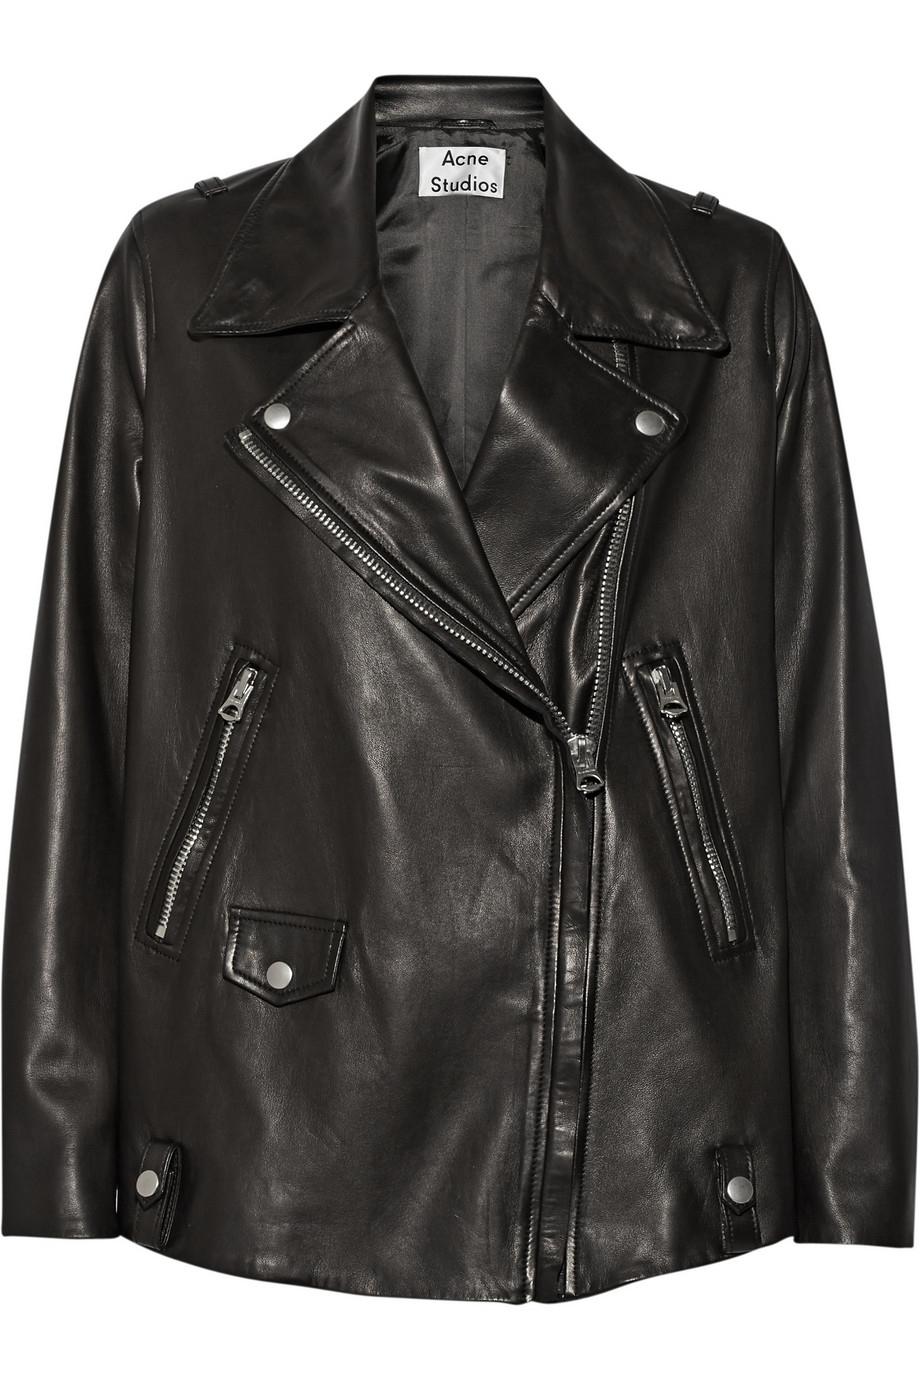 Lyst - Acne Studios Swift Light Oversized Leather Biker Jacket in Black